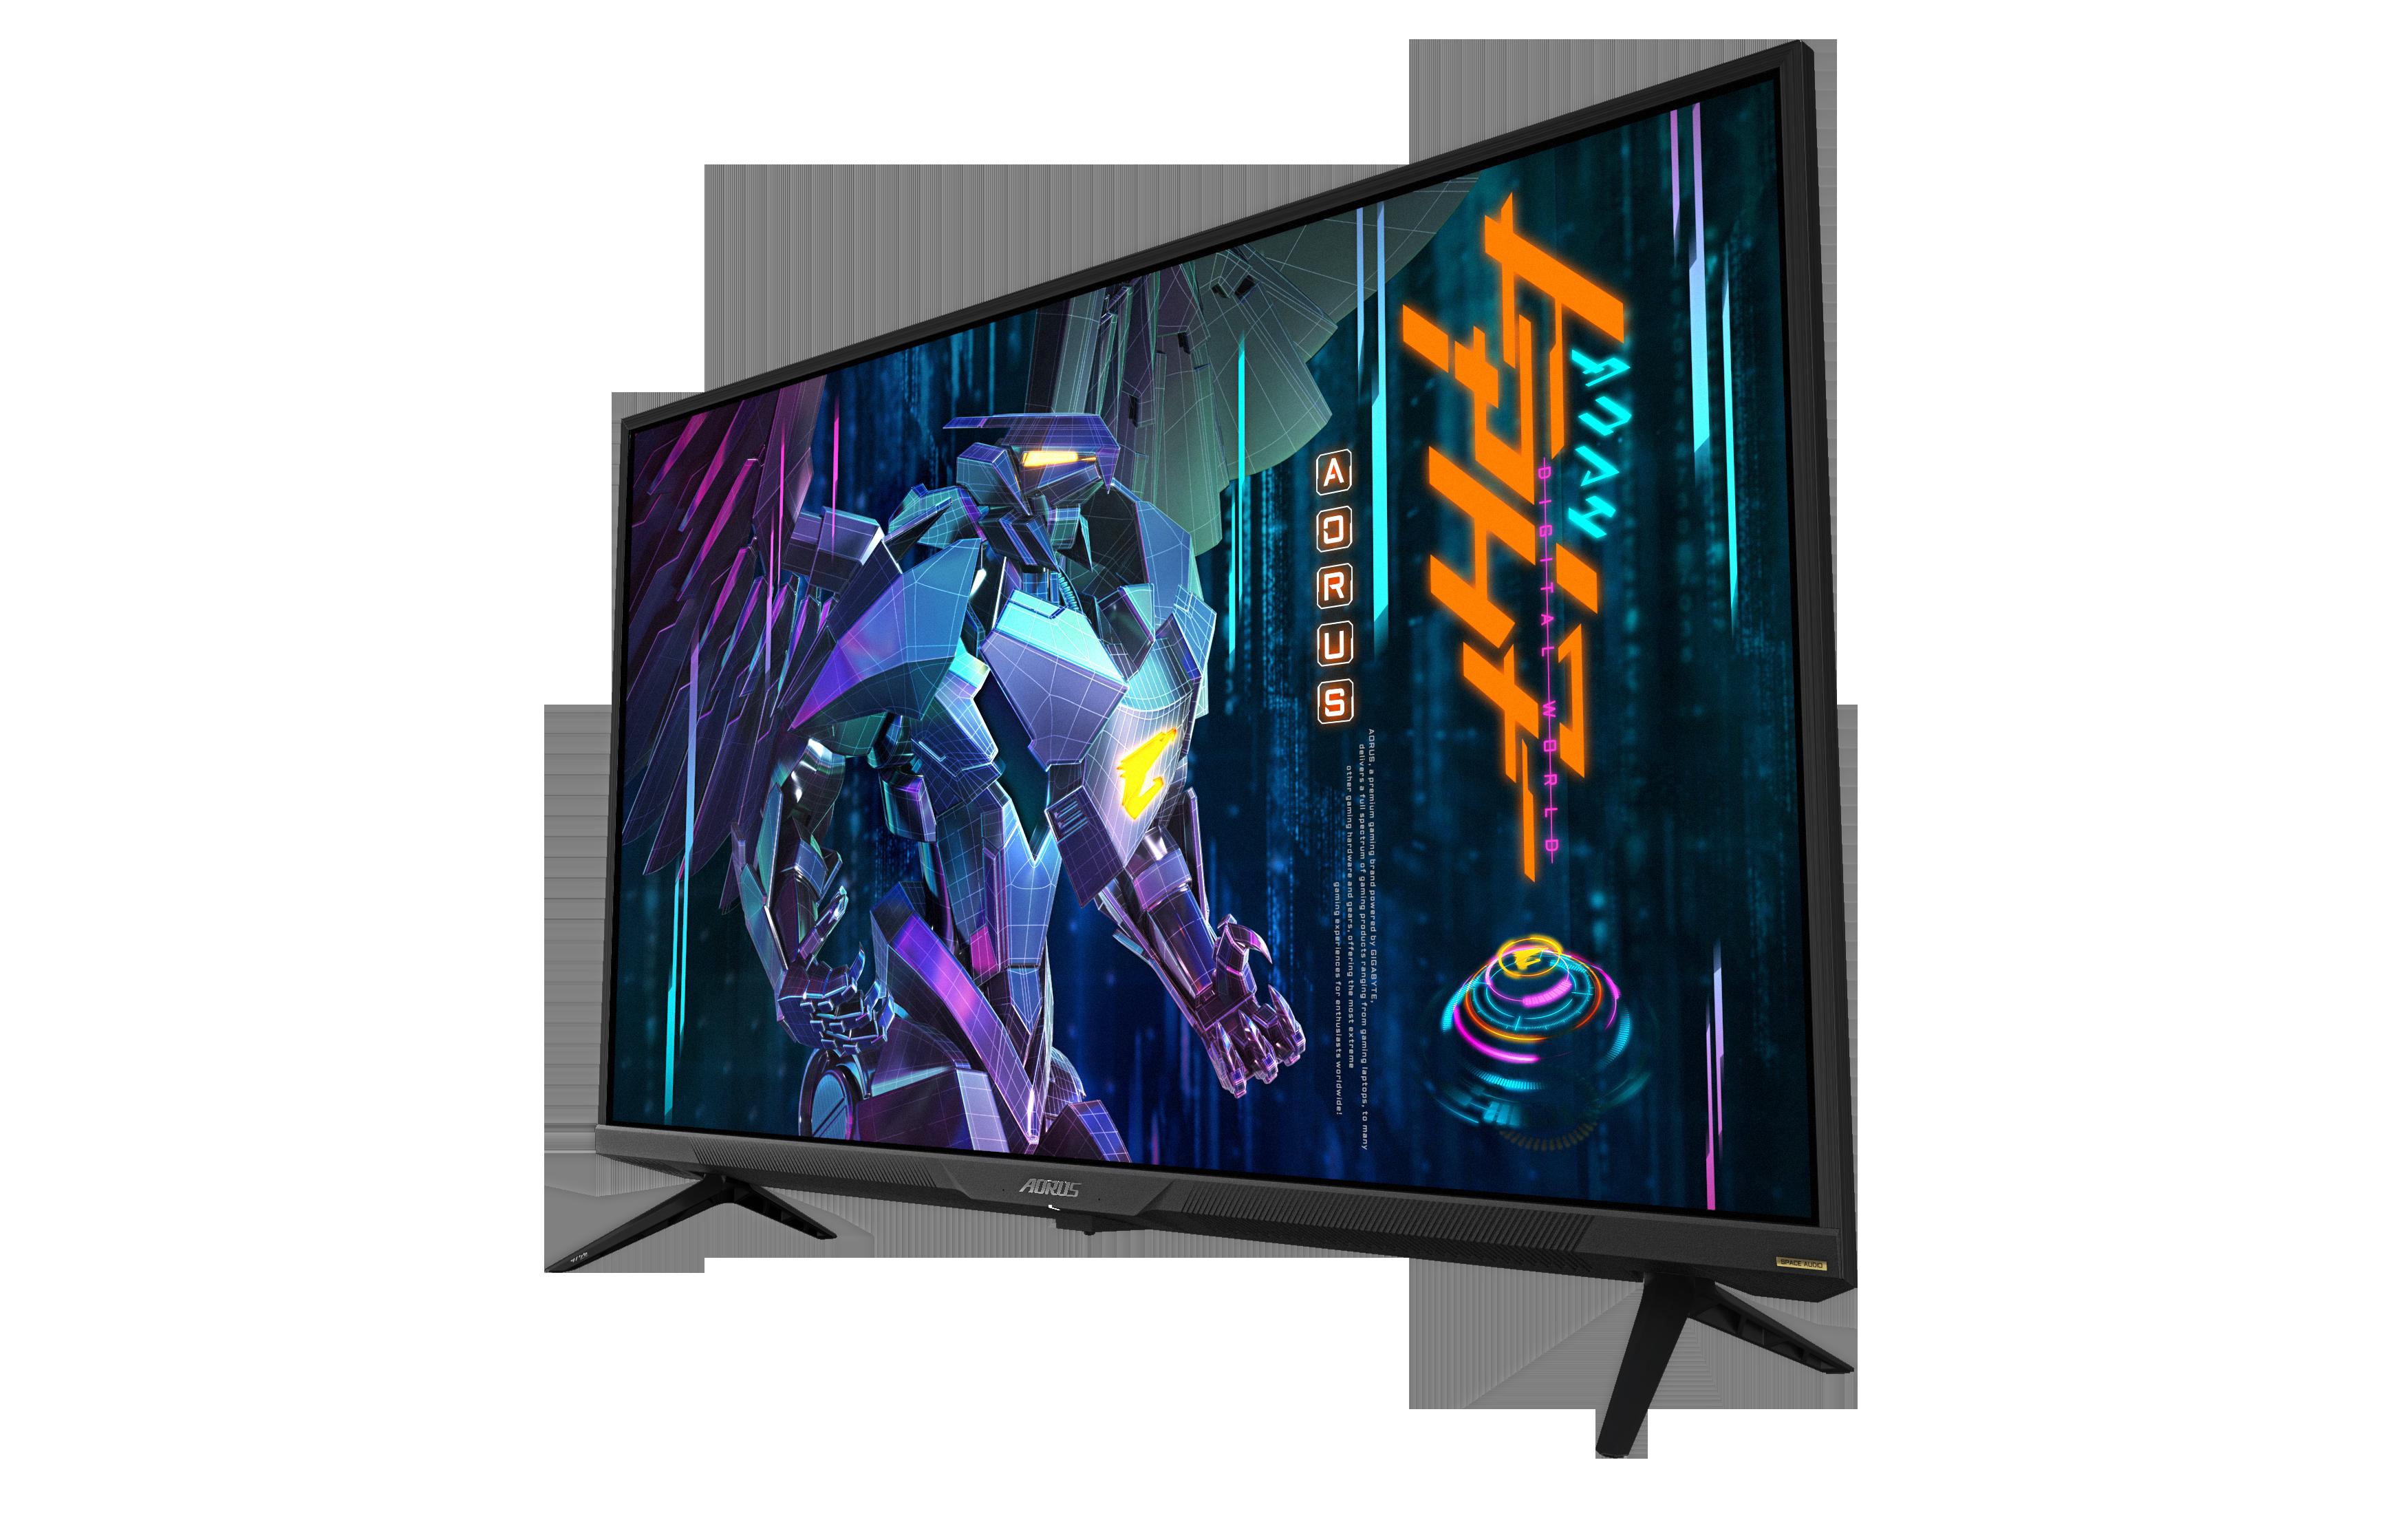 Gigabyte FV43U 4K gaming monitor